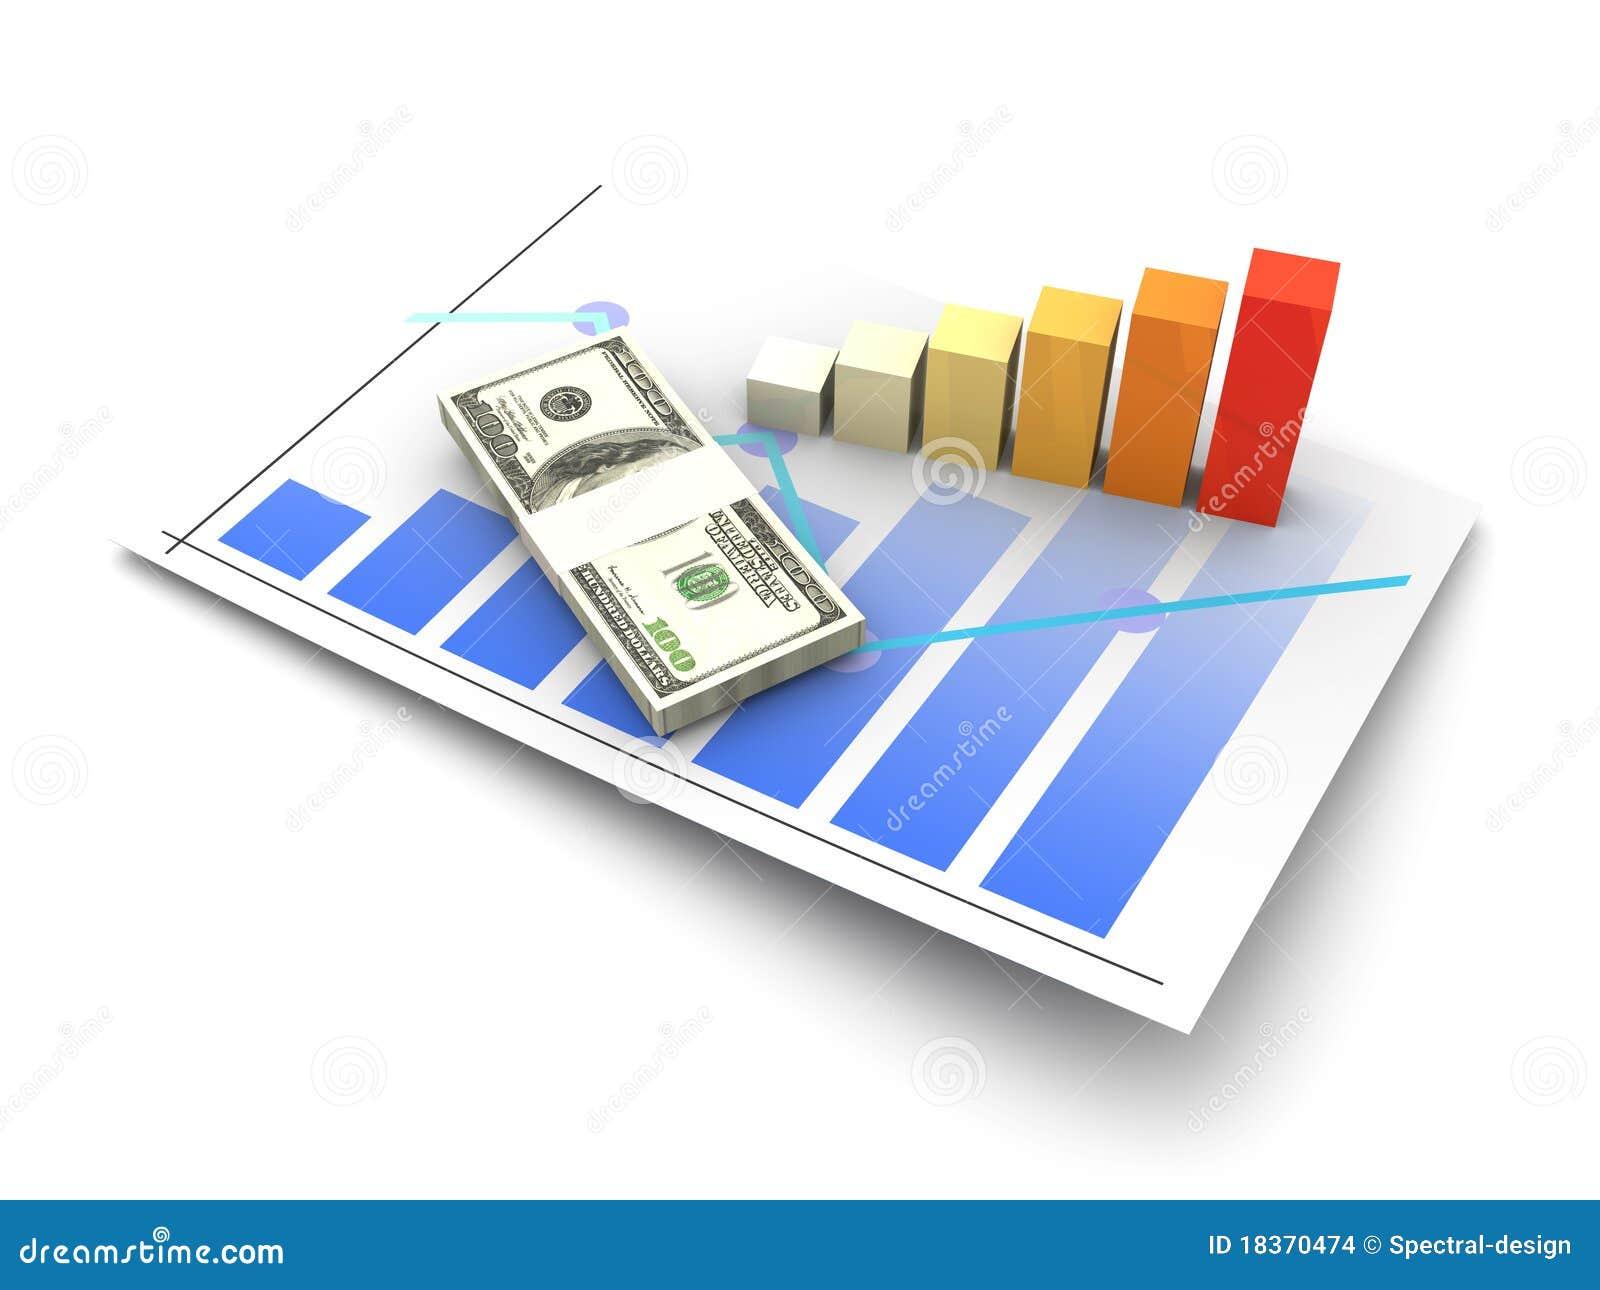 analisis financiero El proceso de análisis financiero para realizar un correcto análisis financiero es  necesario seguir un proceso que pasa por comprender en primera instancias.